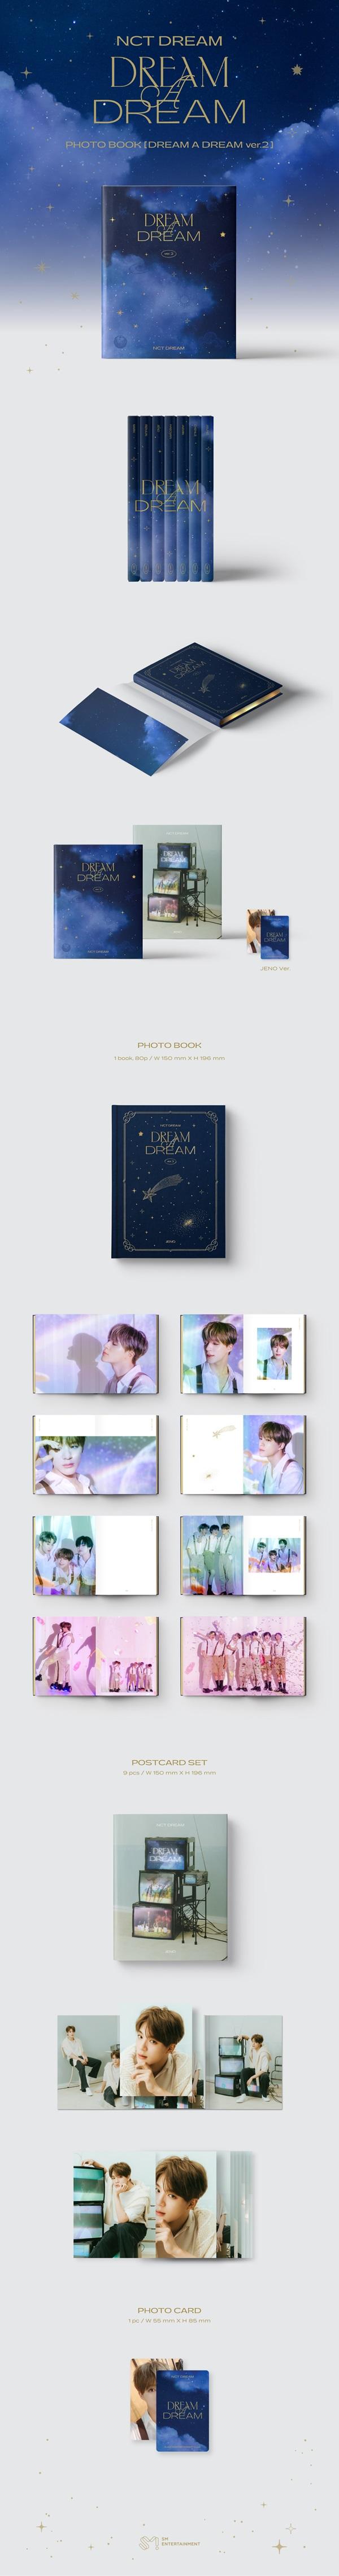 NCT DREAM PHOTO BOOK [DREAM A DREAM ver.2]: JENO Ver.